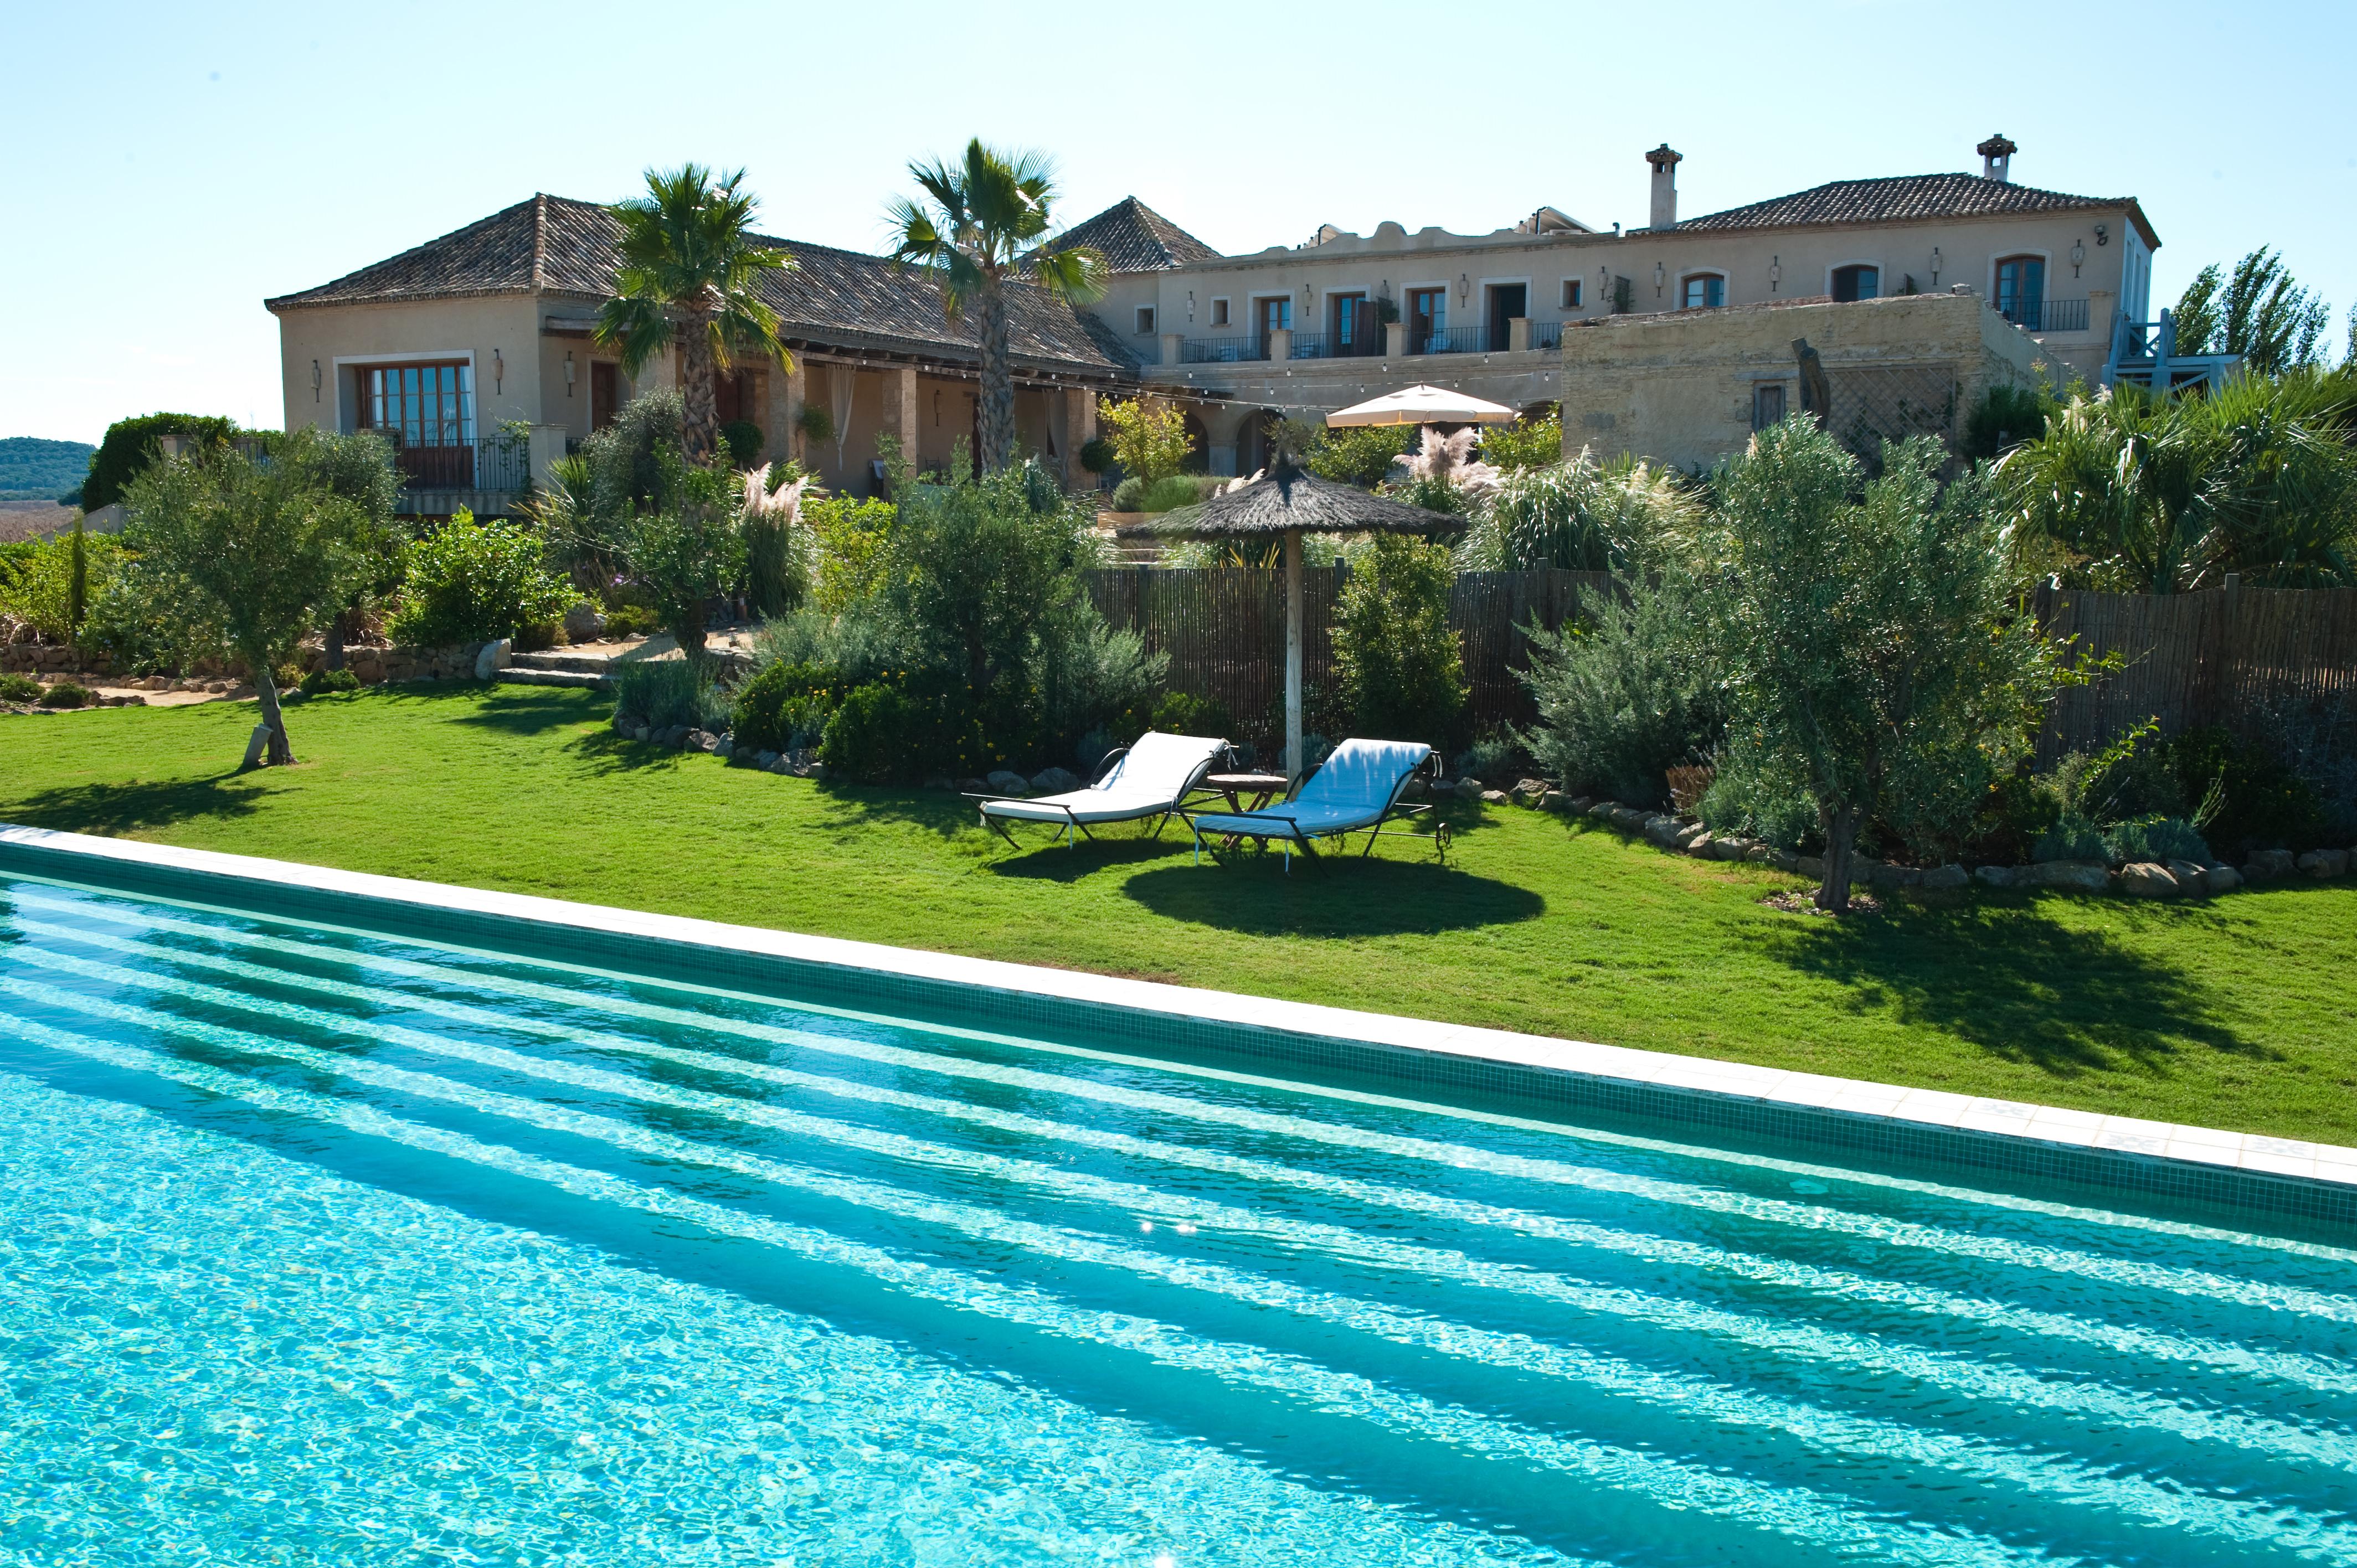 Casas y turismos Rurales en Andalucía